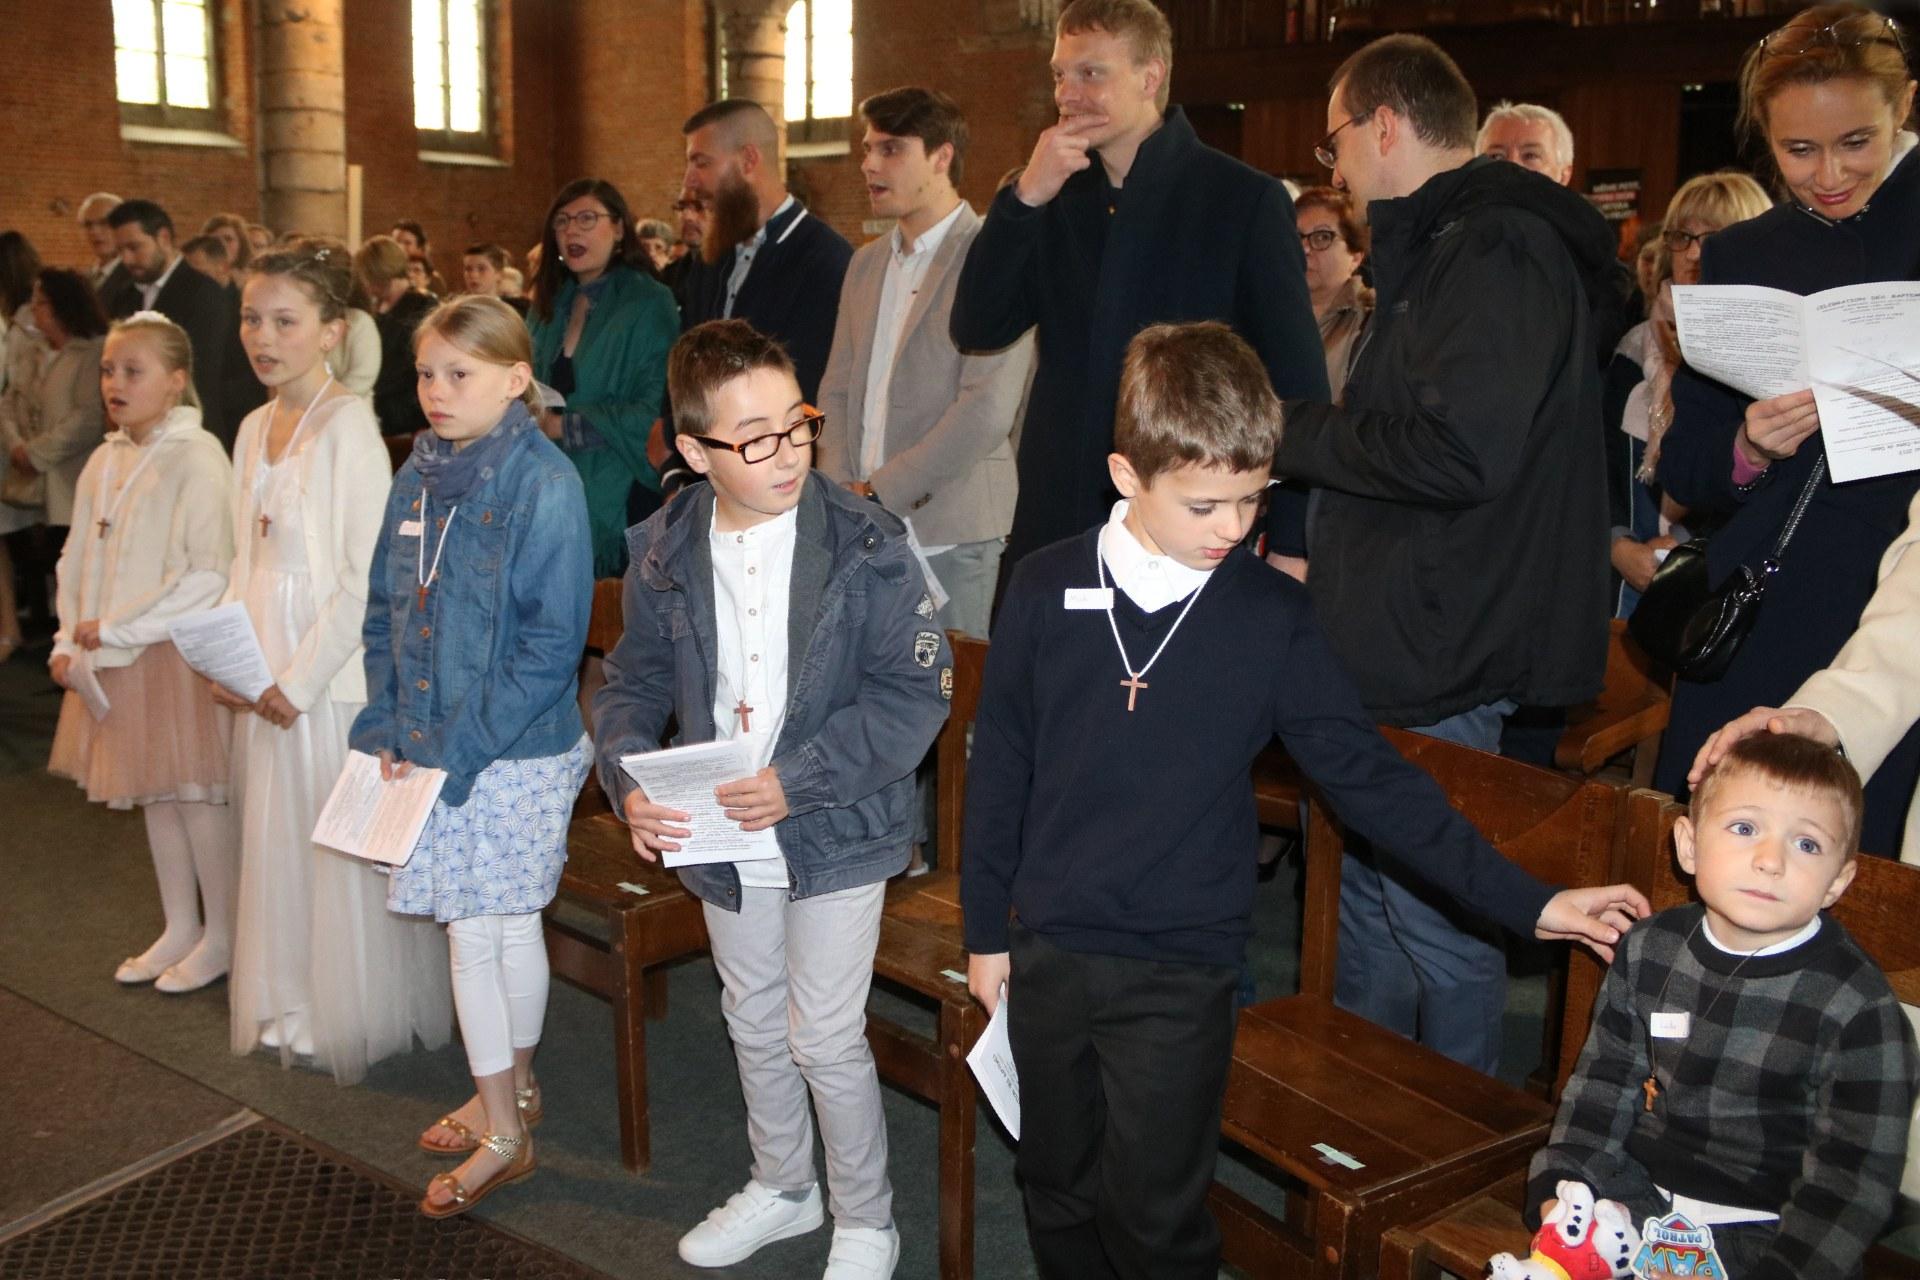 1905_Célébration de baptêmes (7 -12 ans) 49